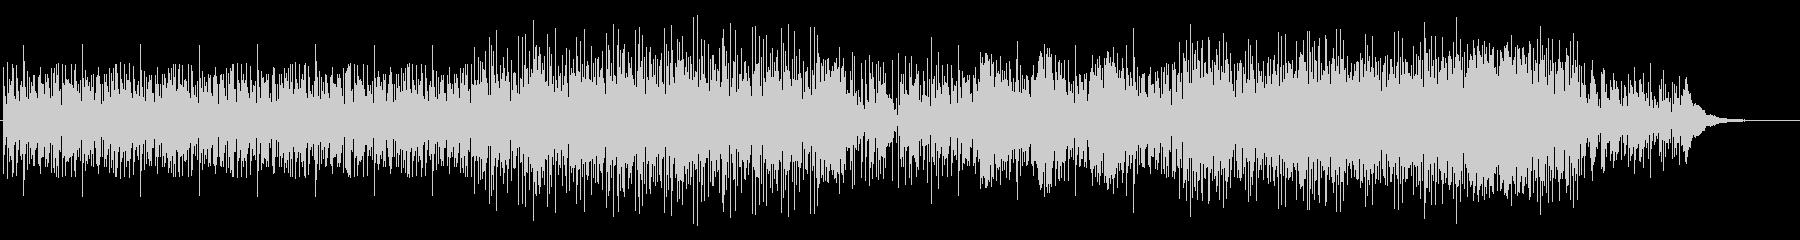 謎めいたエスニックドラムの未再生の波形